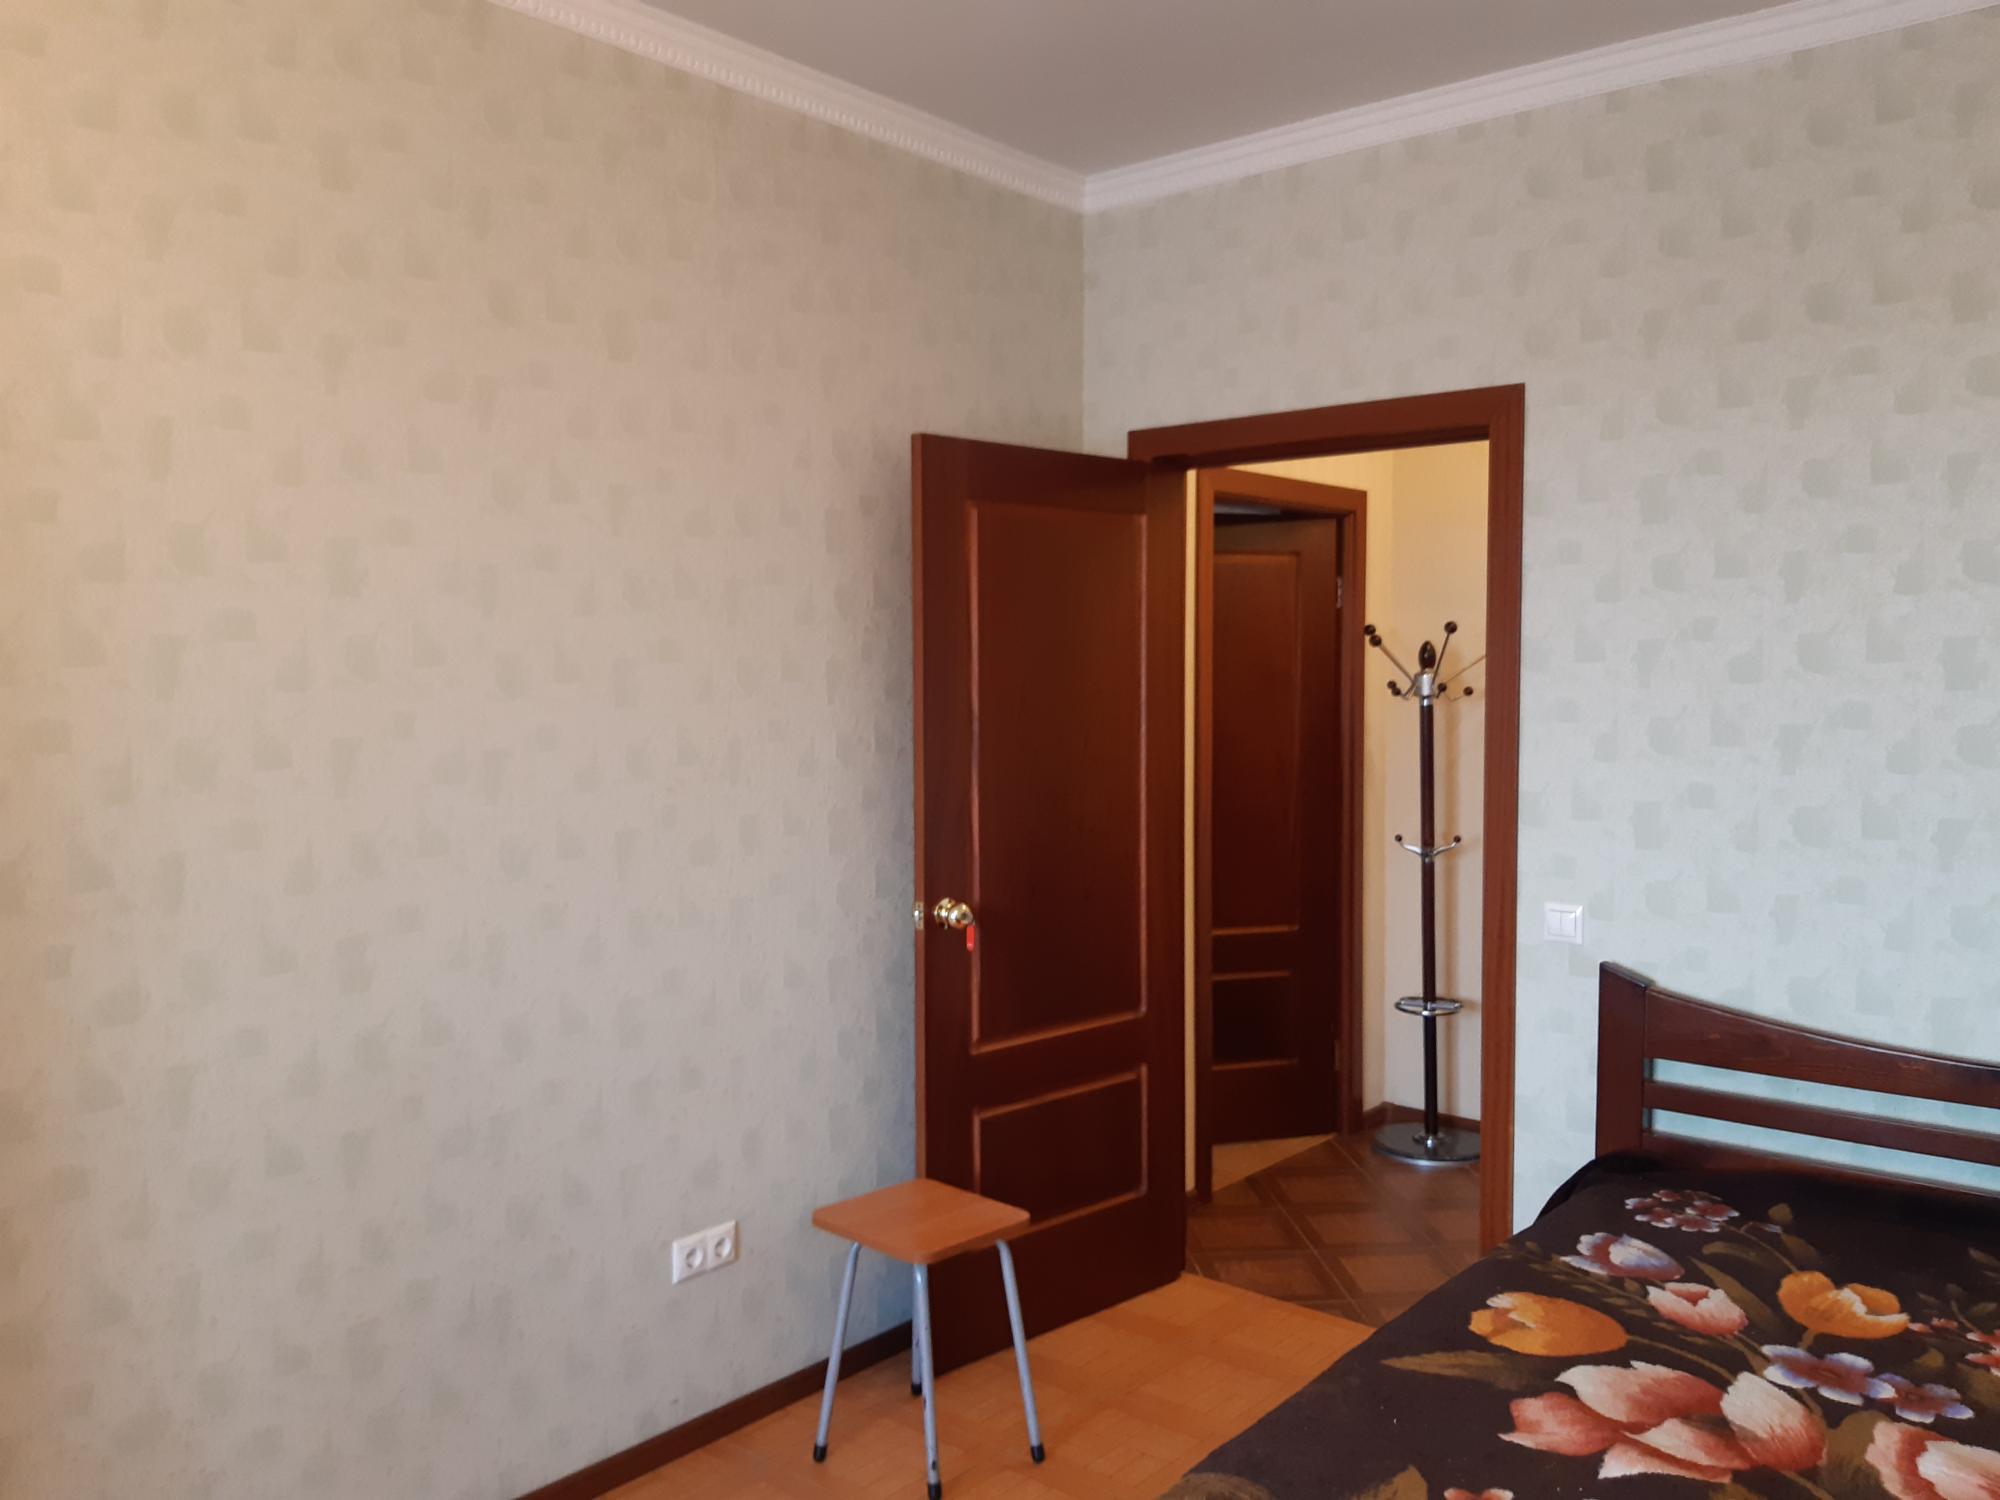 Квартира, 2 комнаты, 63.2 м² в Котельниках 89295674093 купить 4